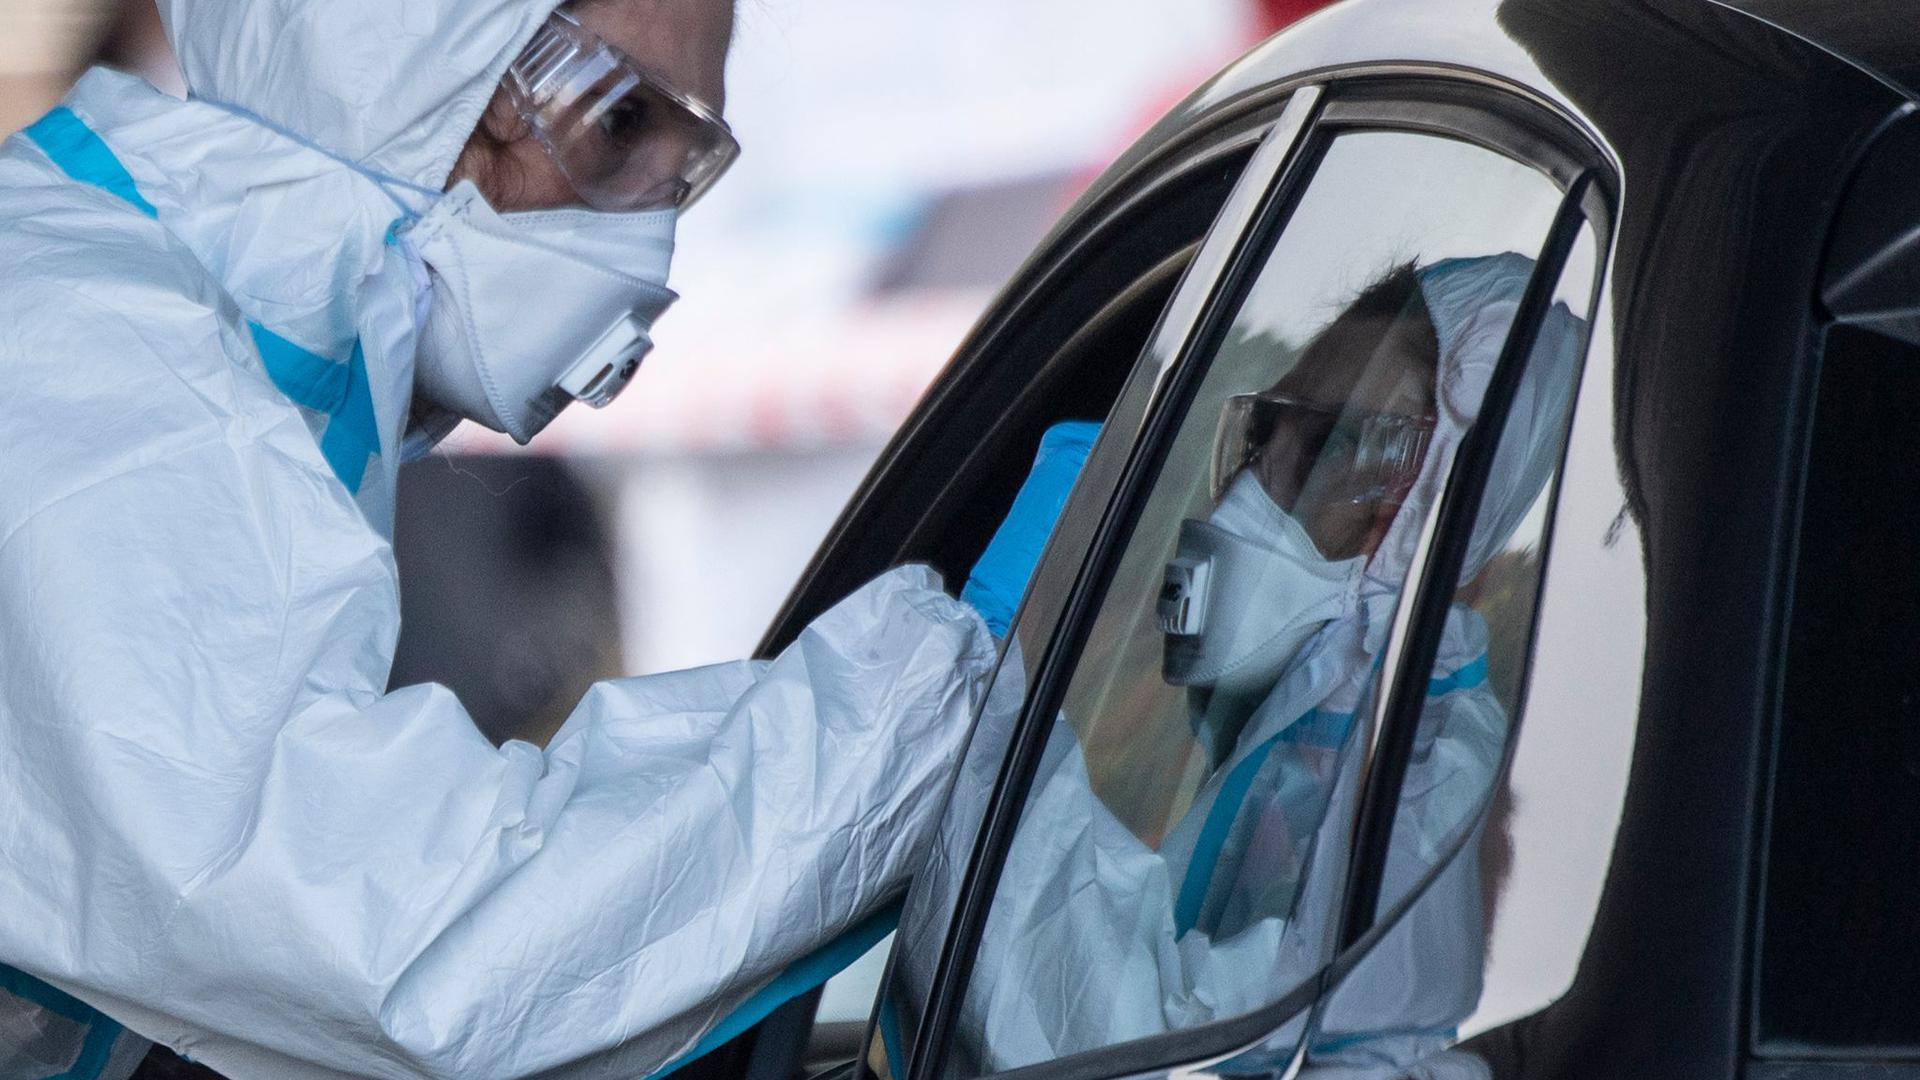 Ein Mitarbeiter eines Corona-Testzentrums auf dem Marburger Messegelände nimmt einen Abstrich von einem Autofahrer.